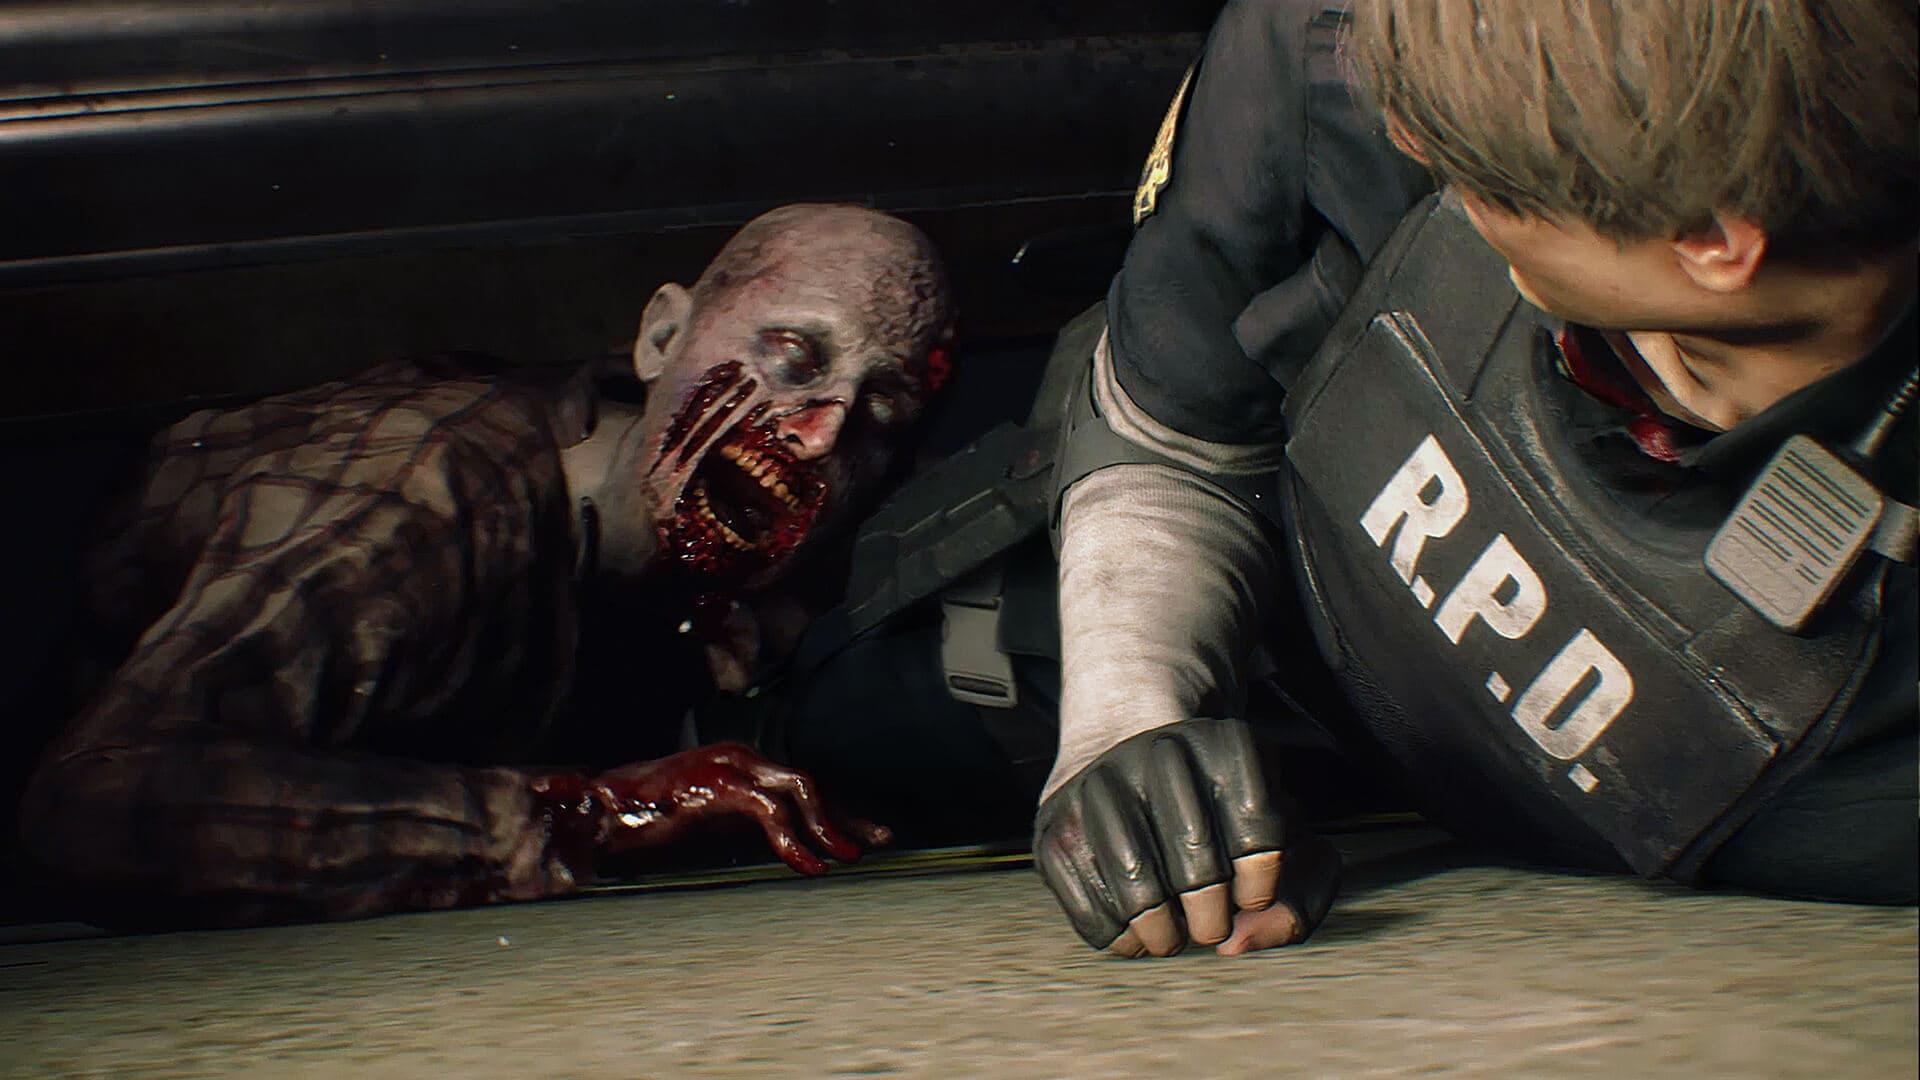 La police ne peut rien y faire, les zombies sont bien prêts à dévorer tout le monde dans Resident Evil 7.